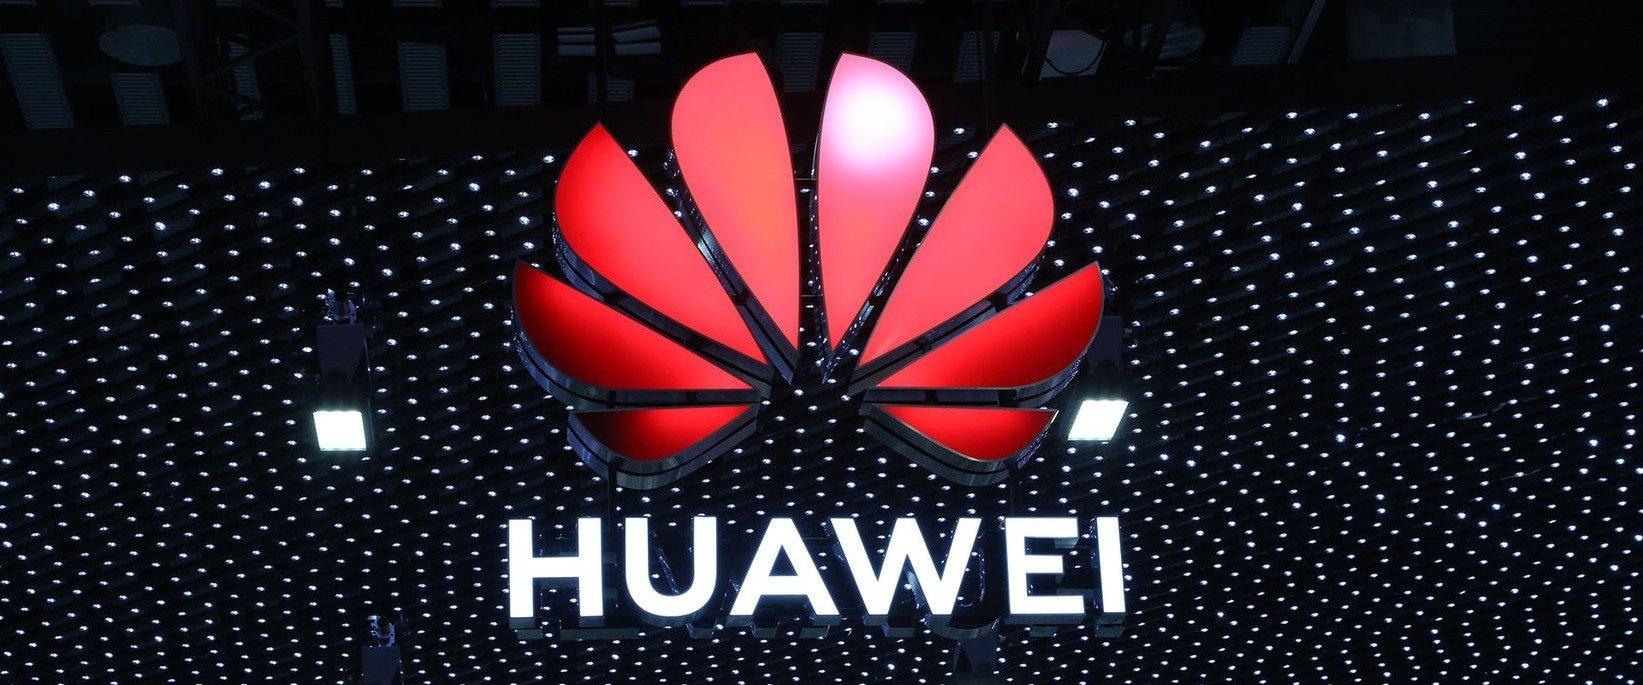 Huawei CEE & Nordic ogłasza stabilne wyniki biznesowe i potwierdza swoje zaangażowanie w rozwój Europy